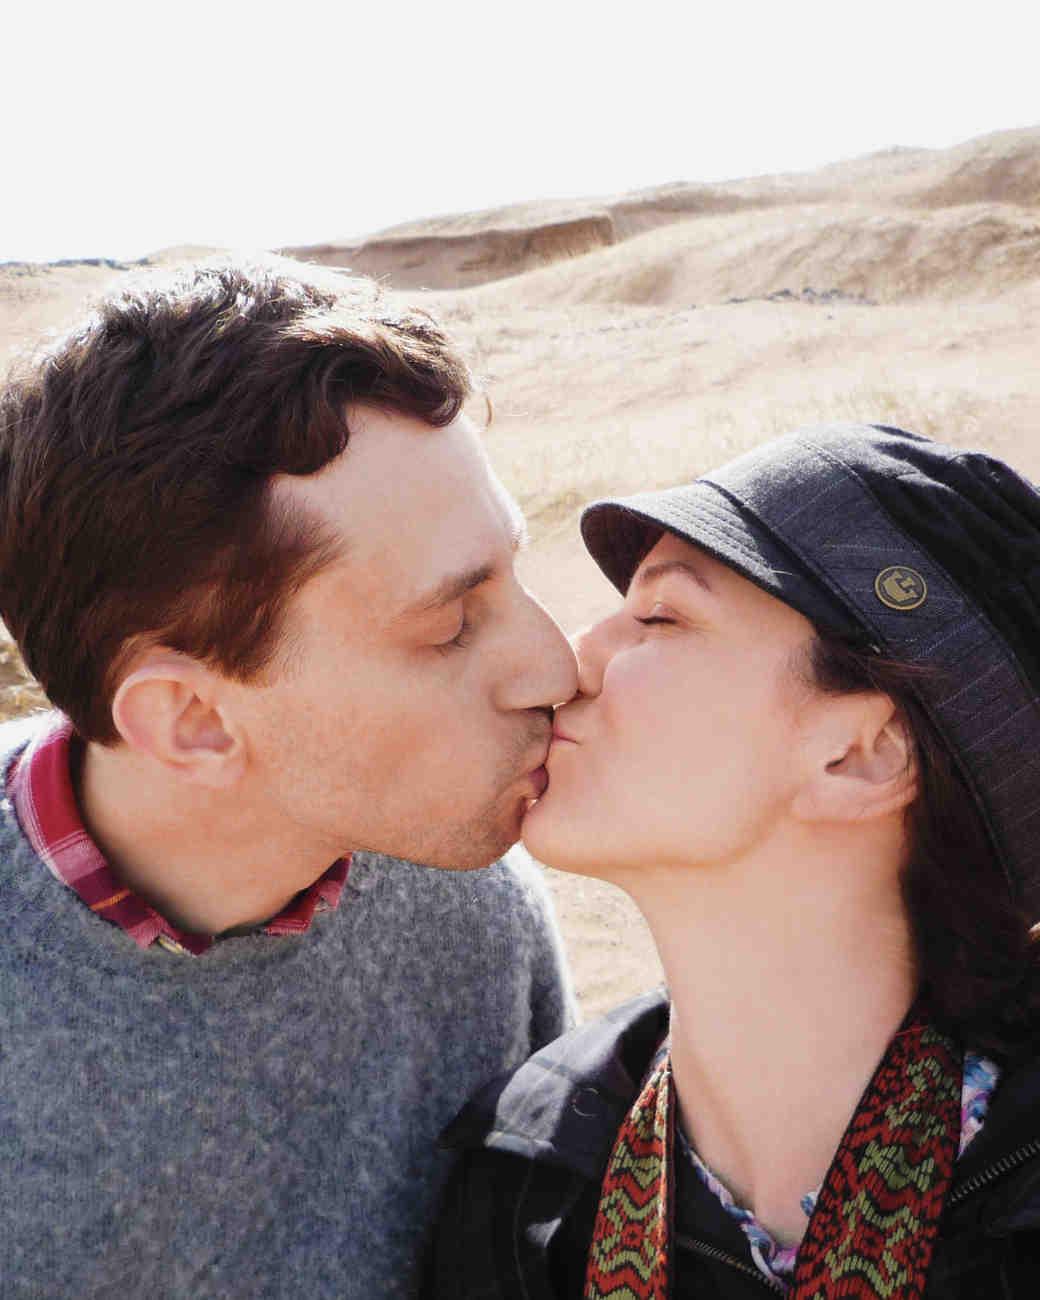 sarah-theodore-honeymoon-073-mwds109105.jpg